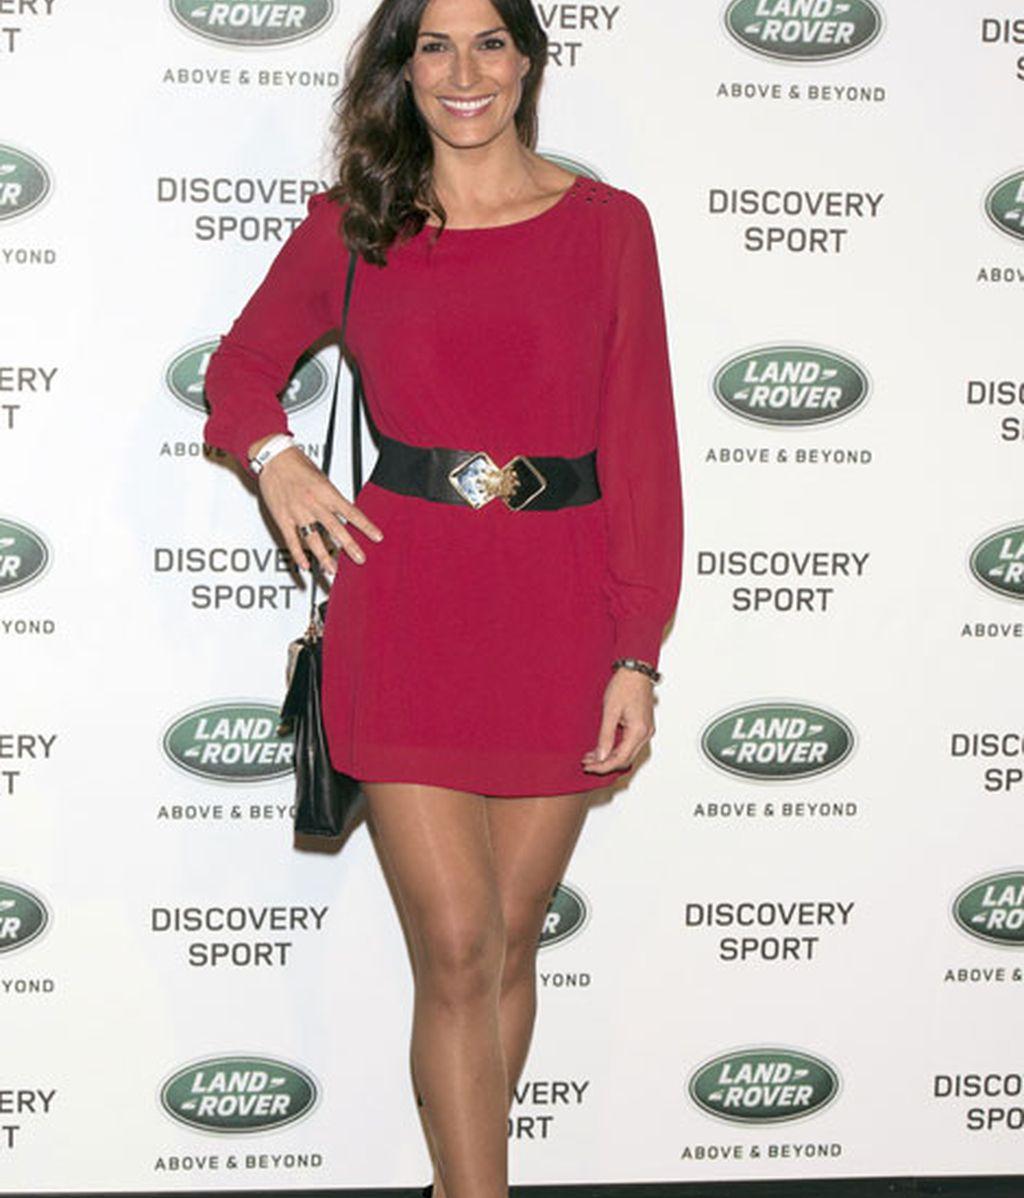 La ex Miss Verónica Hidalgo con un mini vestido rojo